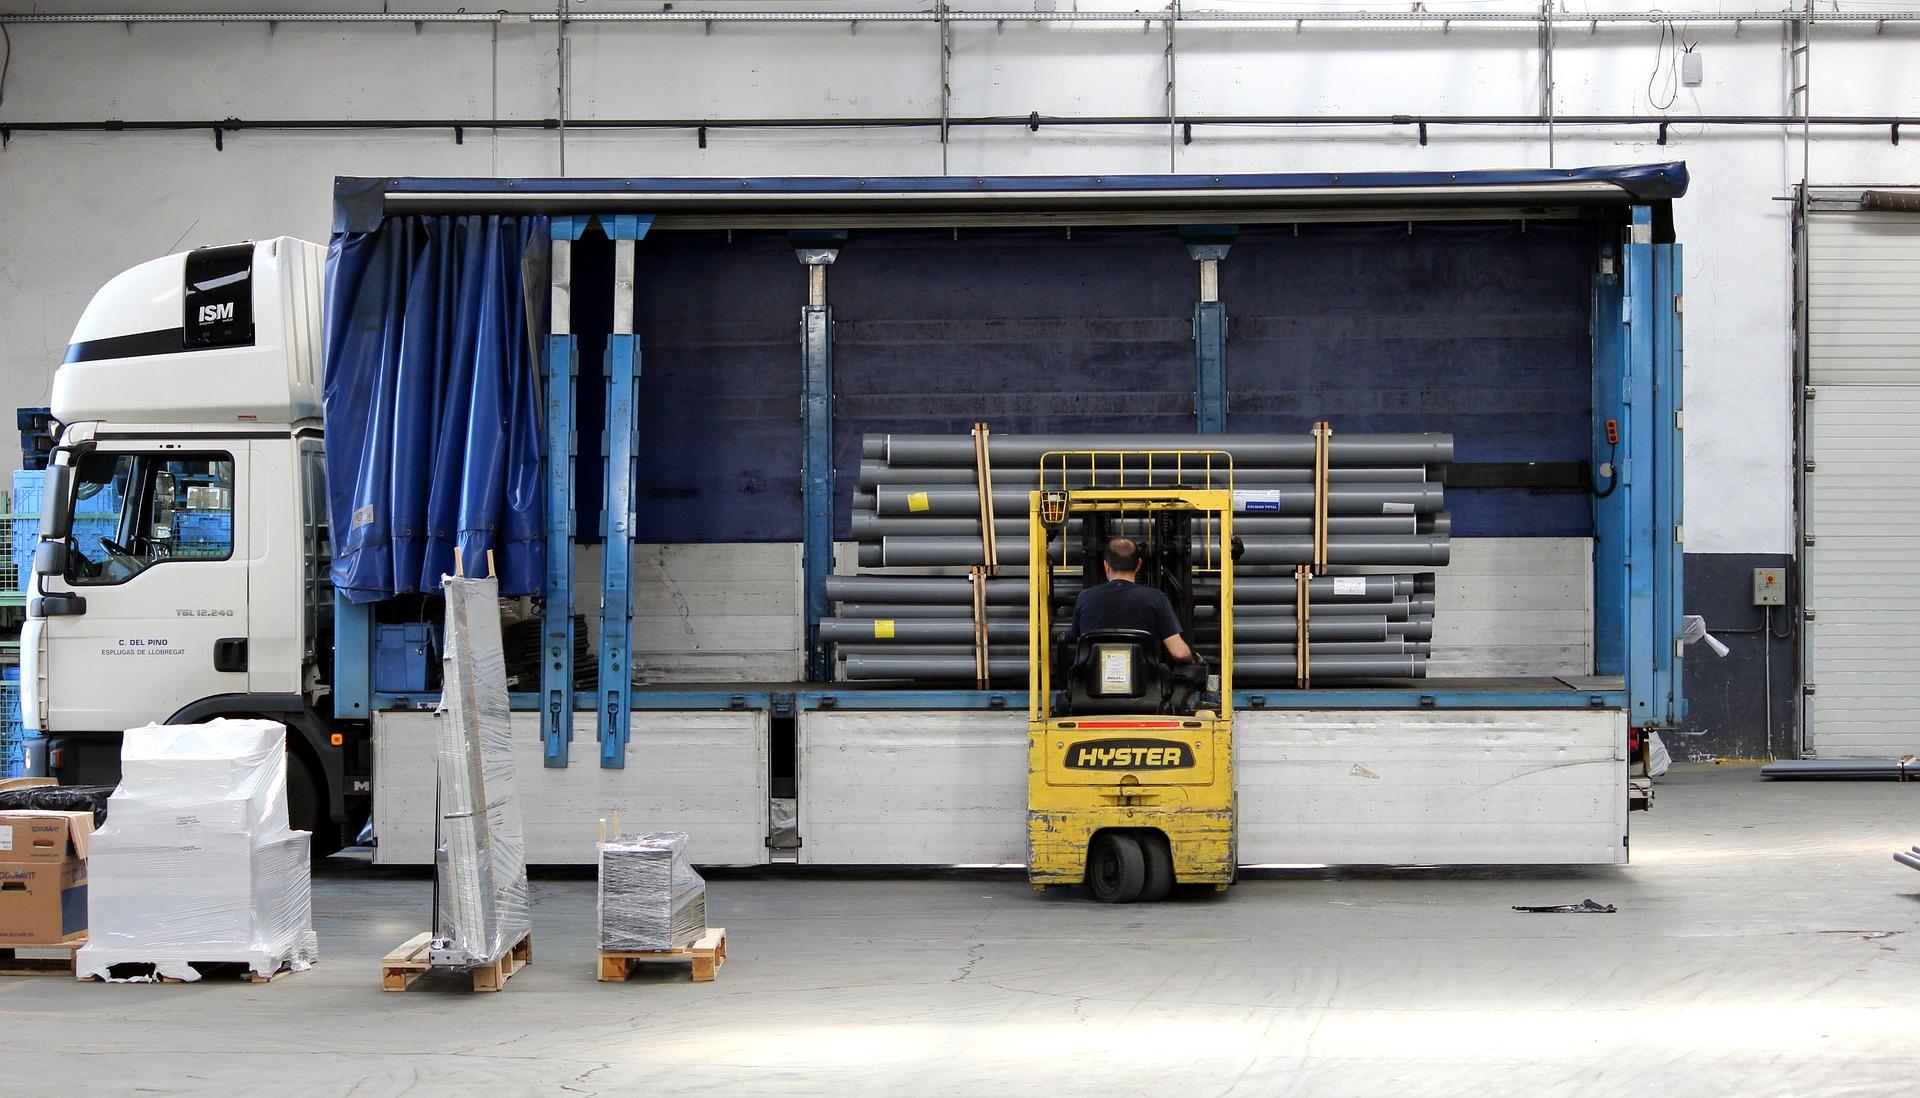 In Spanien werden bald neue Vorschriften zur Ladungssicherung eingeführt. Jeder zwanzigste LKW wird kontrolliert.